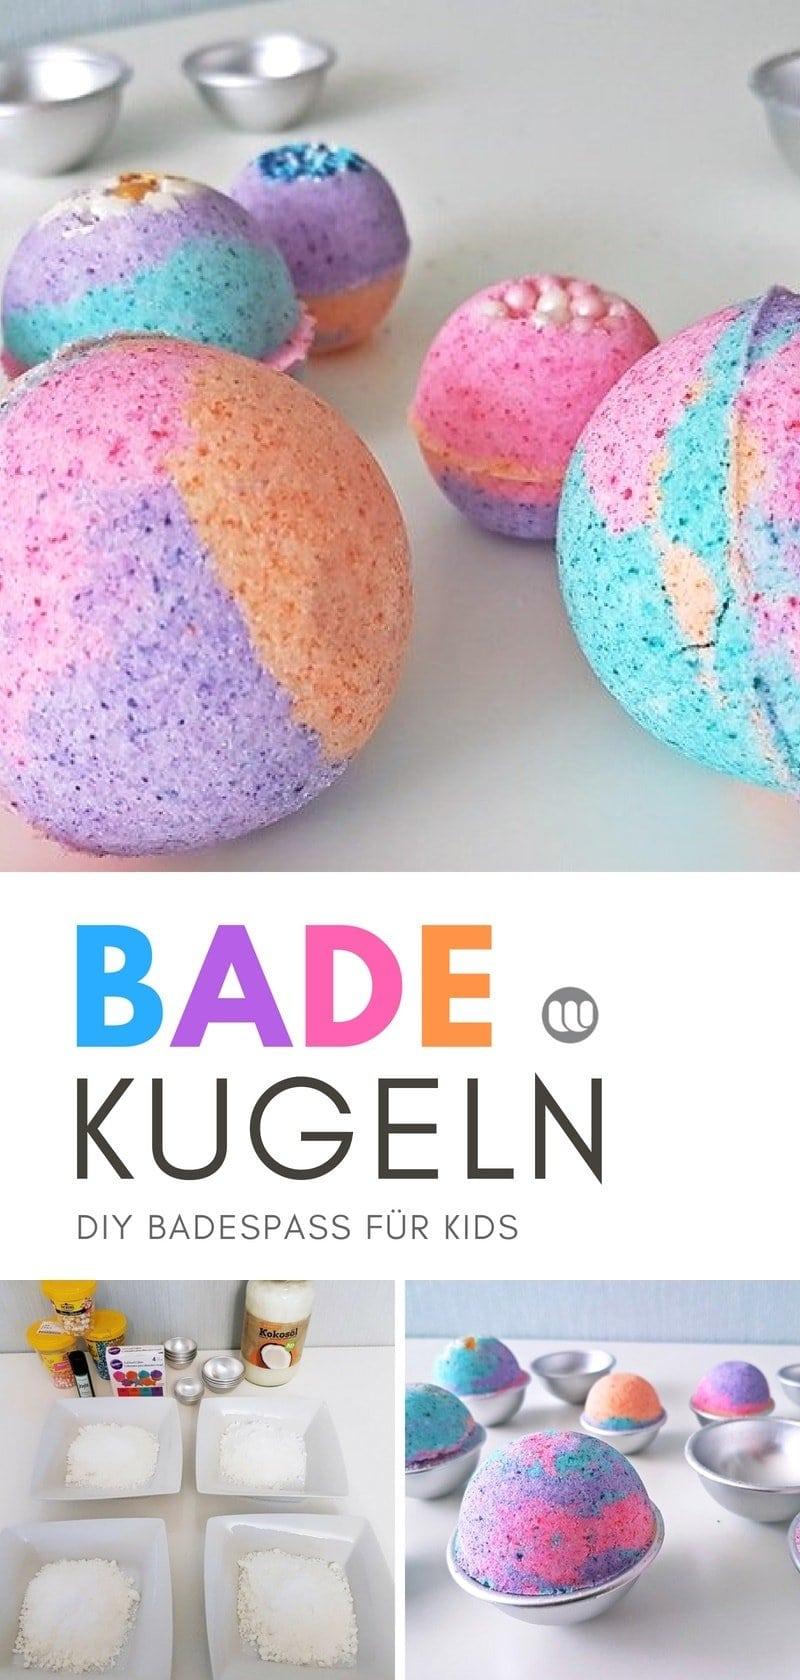 Anleitung Sprudelnde Bunte Badekugeln Für Kinder Herstellen